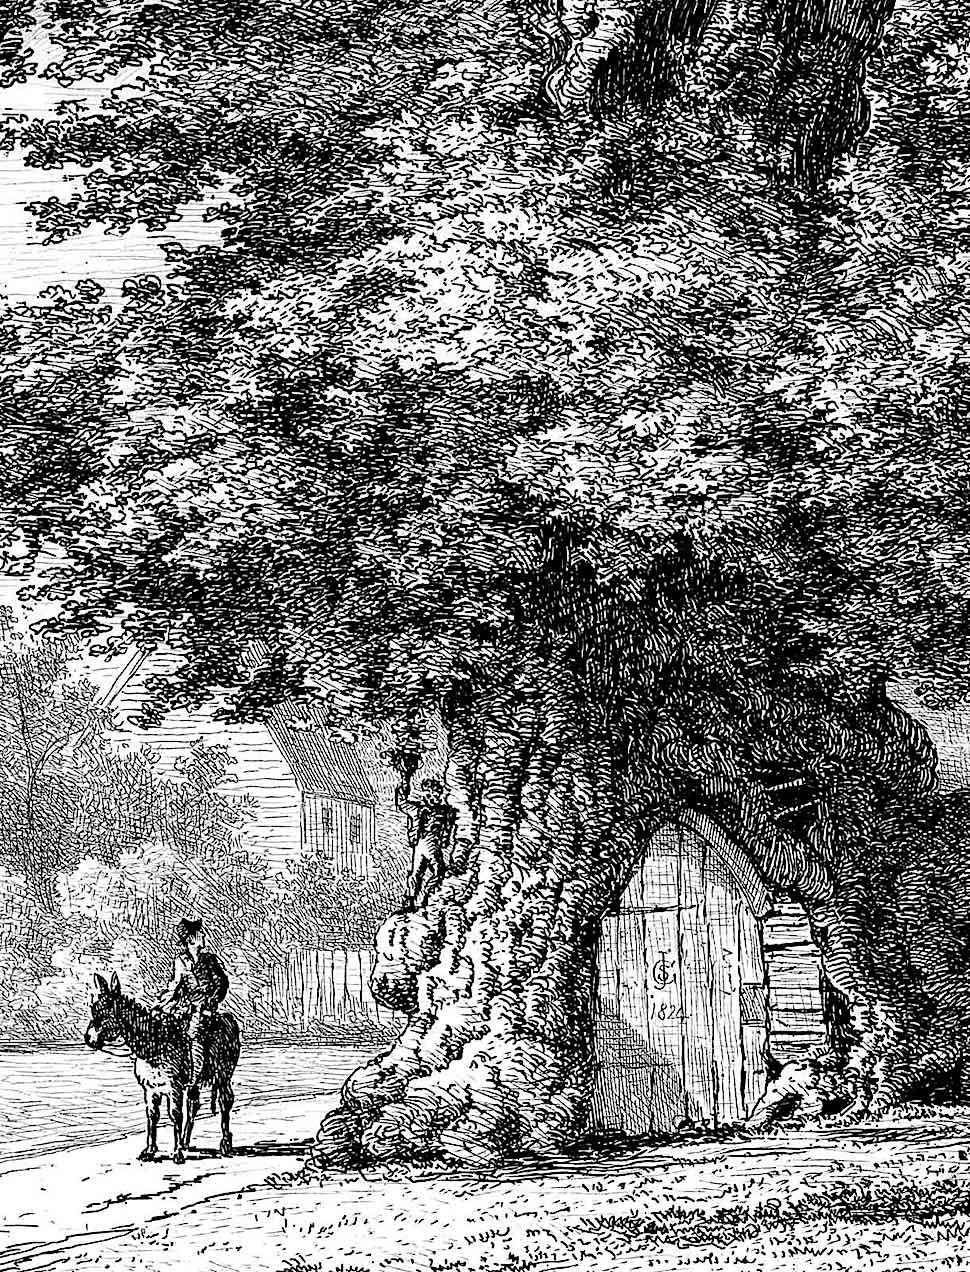 Jacob George Strutt 1824, a tree as a home